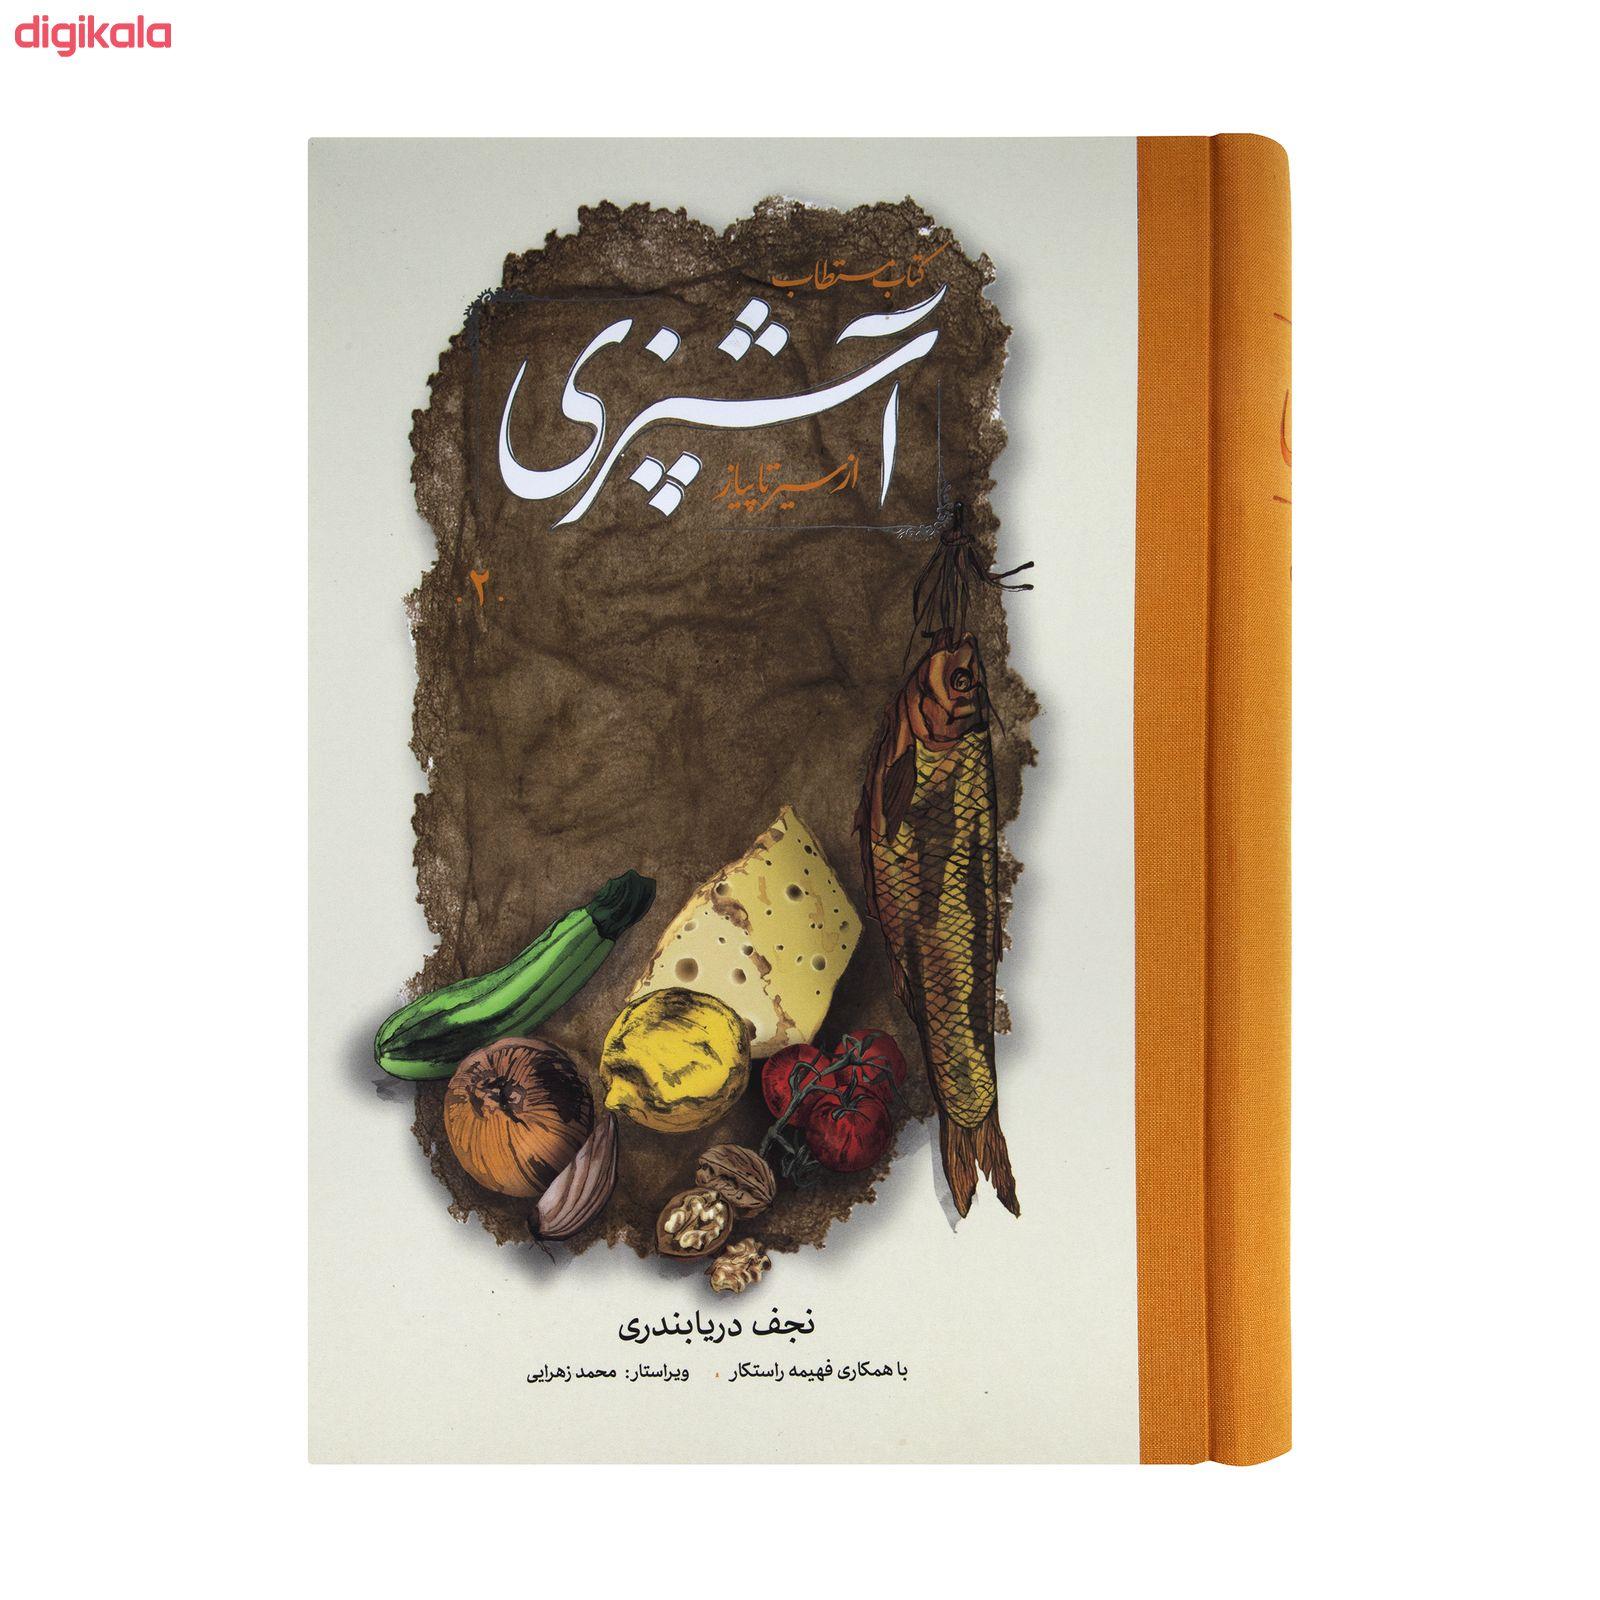 کتاب مستطاب آشپزی از سیر تا پیاز اثر نجف دریابندری دو جلدی main 1 8